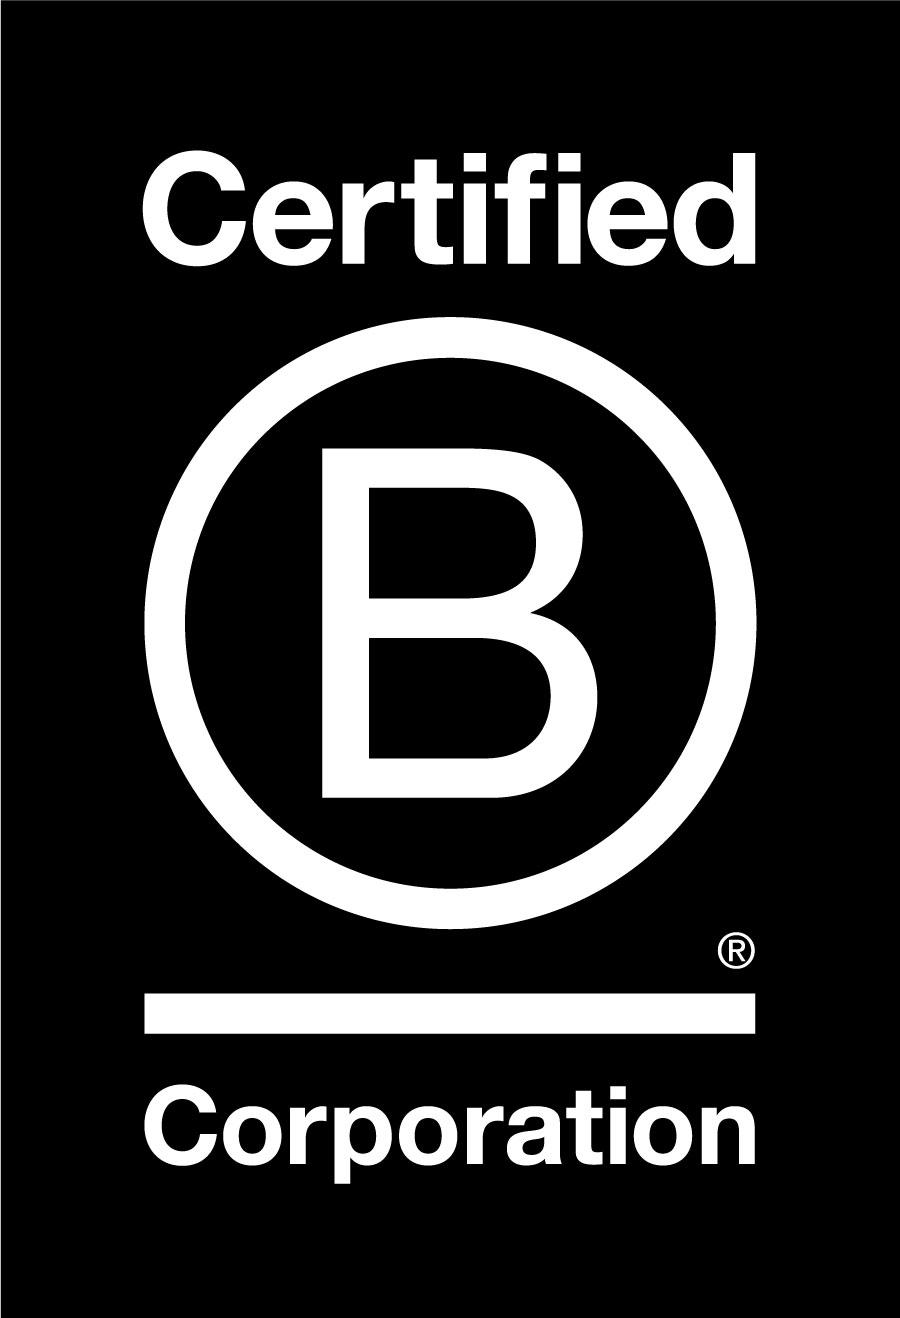 2017-B-Corp-Logo-NEG-L.jpg